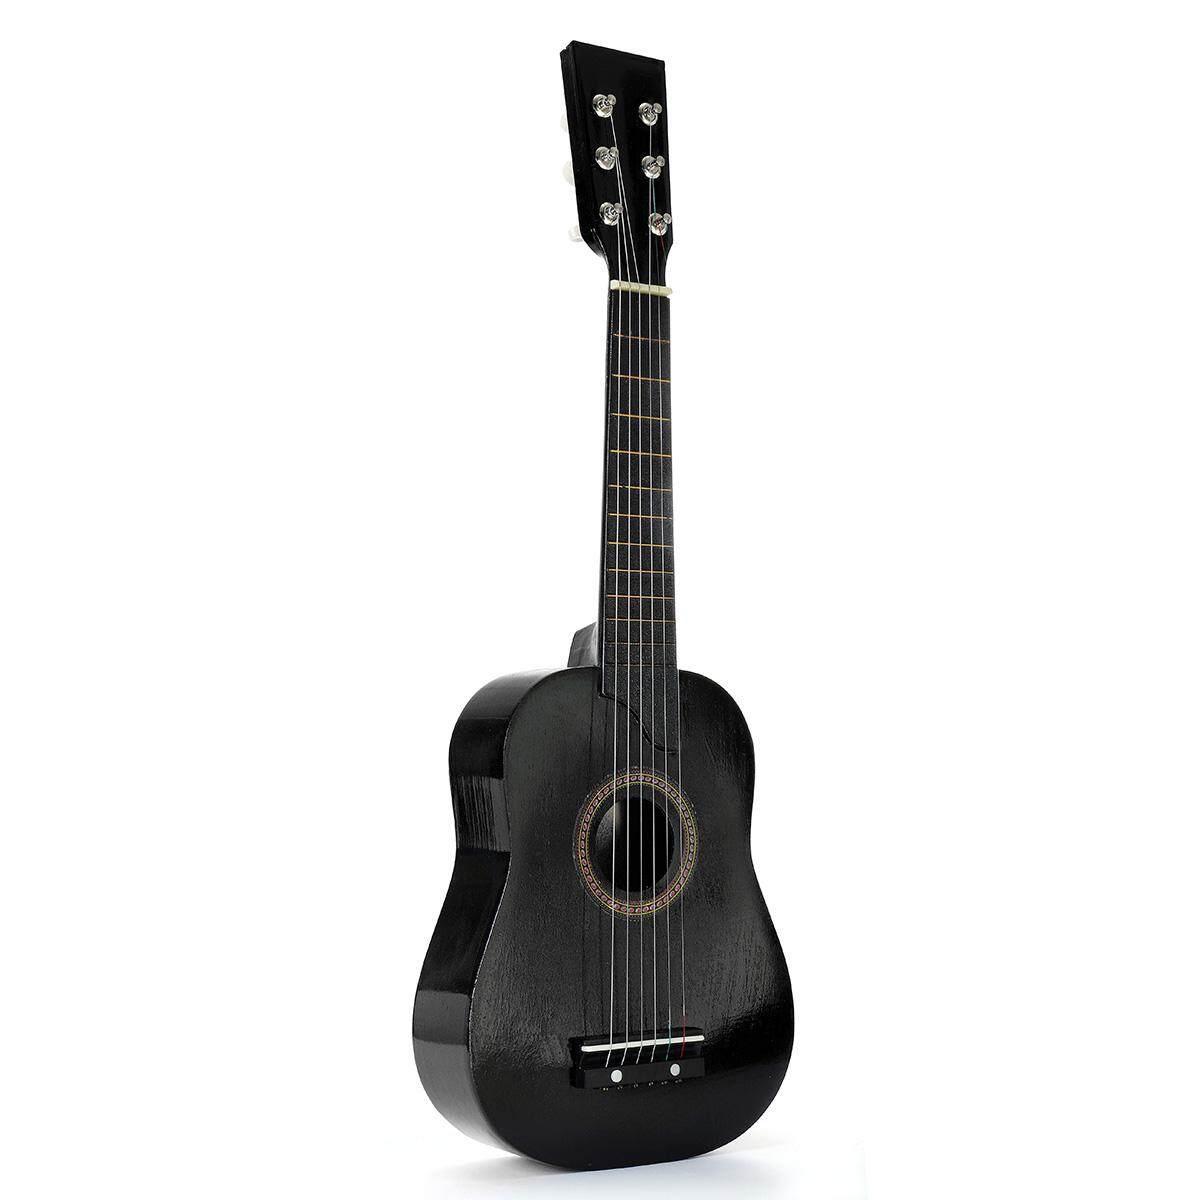 【Freebang】25 Inch 6 Đàn Ghi-ta Acoustic Dây Bộ Thực Hành Cho Người Mới Bắt Đầu Nhạc Cụ Dây Guitar Cho Người Mới Bắt Đầu Sinh Viên